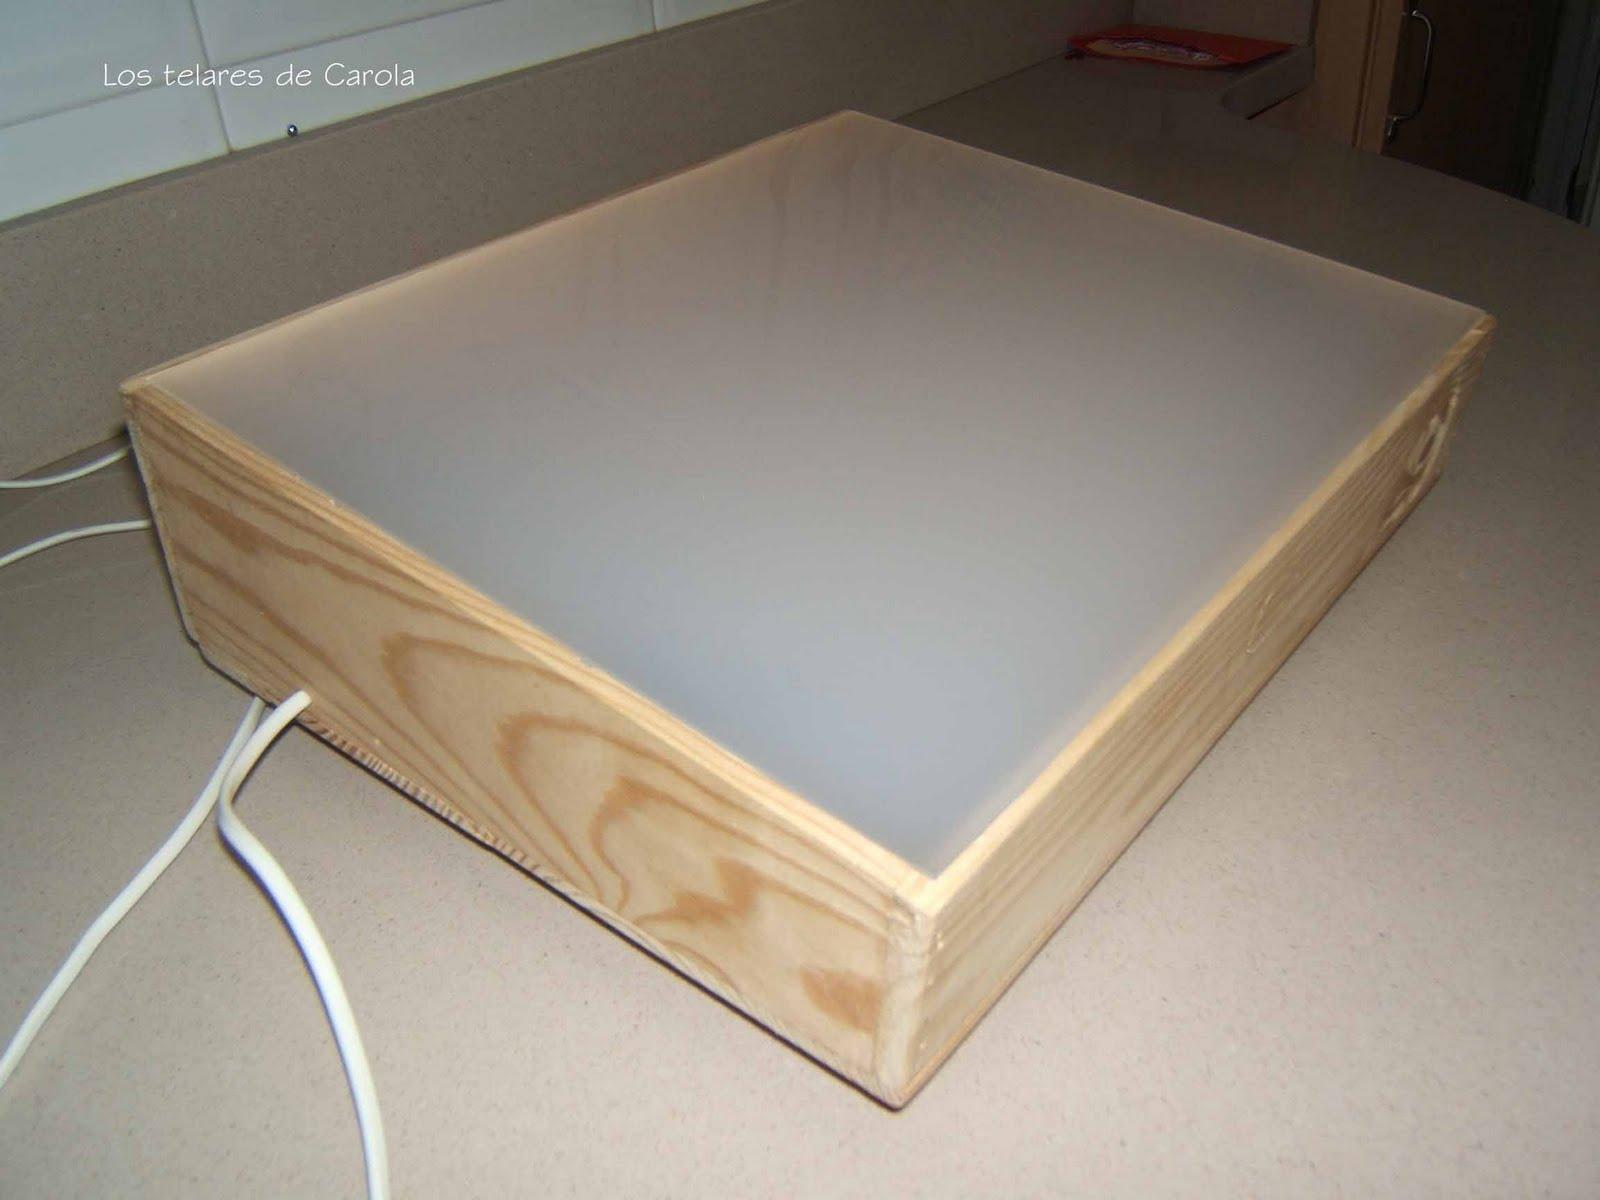 Los telares de carola mesa de luz - Mesa de calcar ikea ...